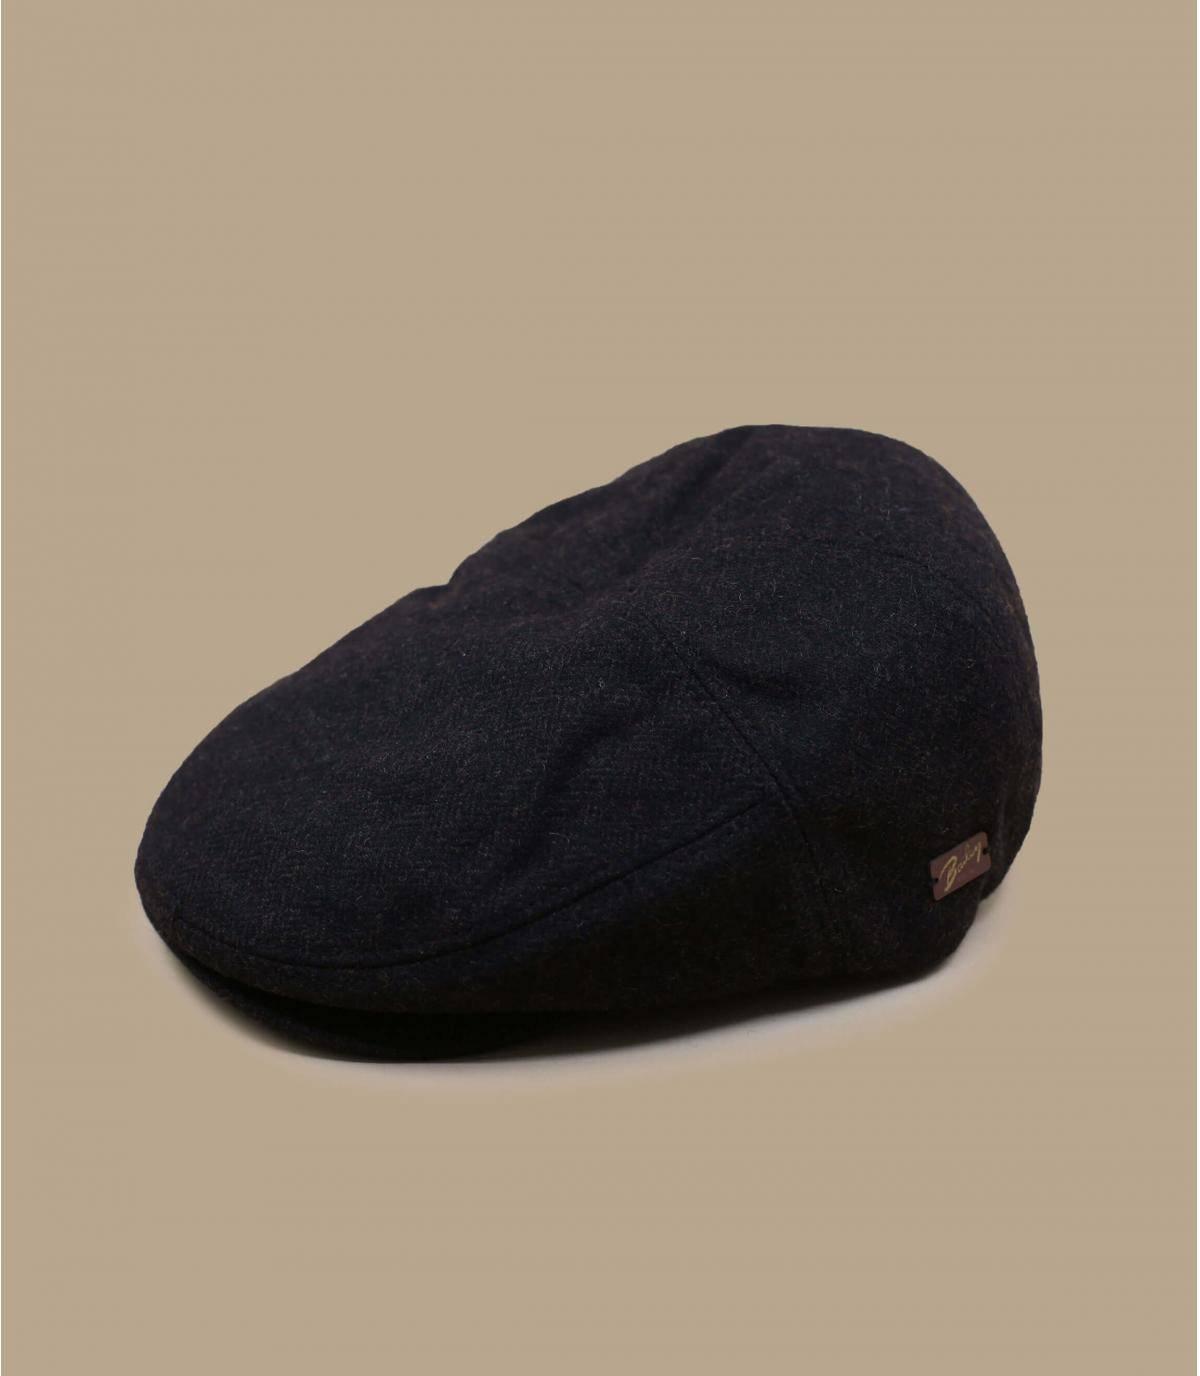 Brown herringbone cap